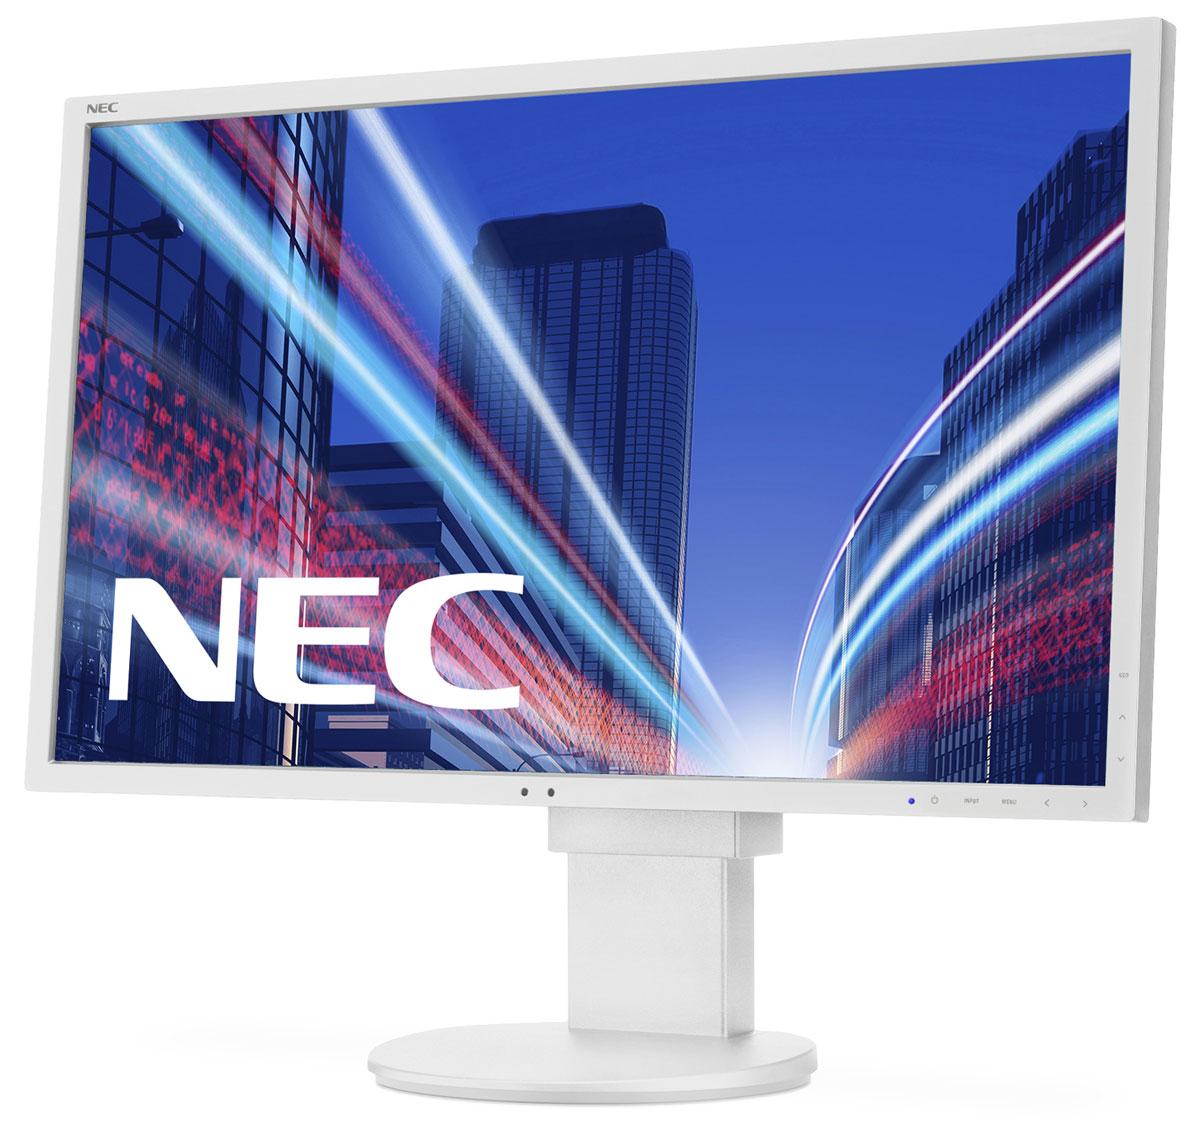 NEC EA275WMi, White монитор60003814Модель NEC EA275WMi обладает очень тонкой 27 IPS-панелью со светодиодной подсветкой и разрешением 2560 x 1440, что обеспечивает ультрасовременный и тонкий дизайн. Датчик рассеянного света и датчик присутствия являются стандартными характеристиками данной модели, кроме того, модель обладает улучшенными эргономическими характеристиками, например, механизмом регулирования высоты до 130 мм. Эргономическое исполнение данного дисплея дополняется отличным качеством изображения. Дисплей также располагает перспективными возможностями соединения с 4 коннекторами: DisplayPort, DVI-I, HDMI и выходом DisplayPort. Идеальный набор функциональных возможностей для офисной эксплуатации – встроенные динамики, гнездо для подключения наушников и USB-хаб обеспечивают отличные опции для офисной коммуникации. Датчик рассеянного света – благодаря функции автоматической яркости Auto Brightness всегда можно оптимизировать уровень яркости в зависимости от освещения и условий...